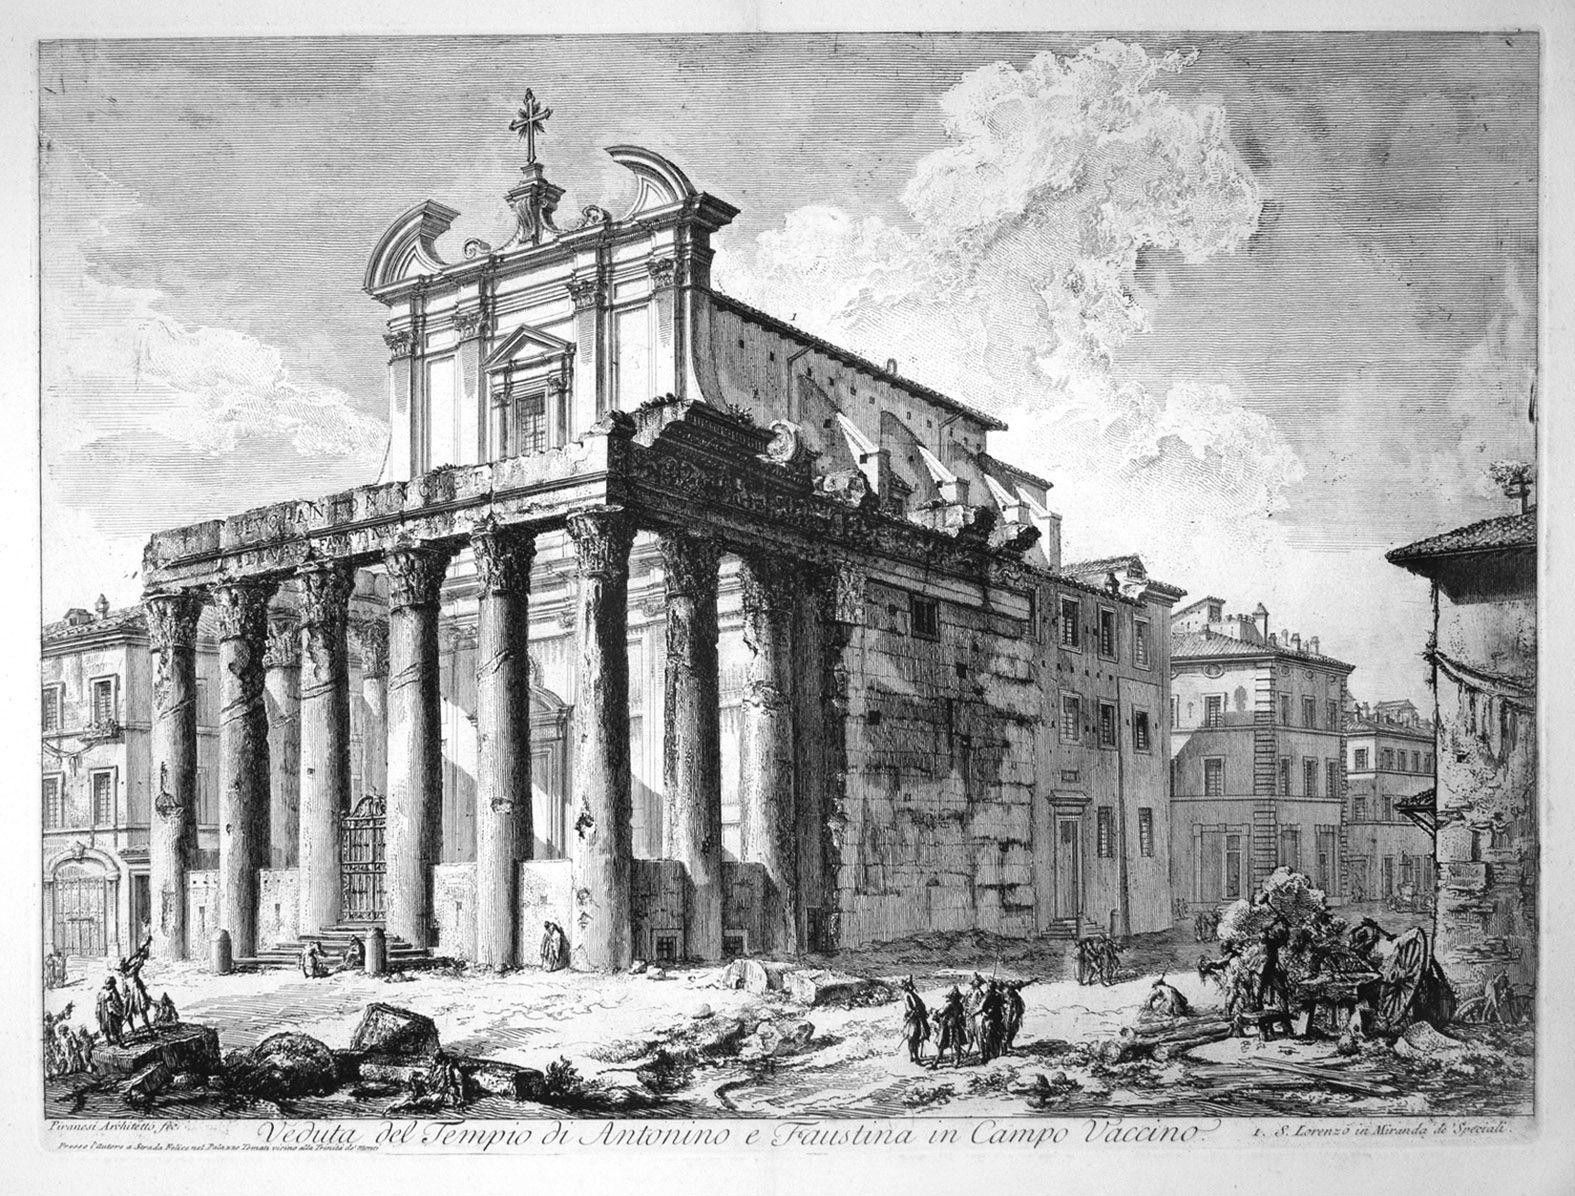 Tempio detto volgarmente di Giano